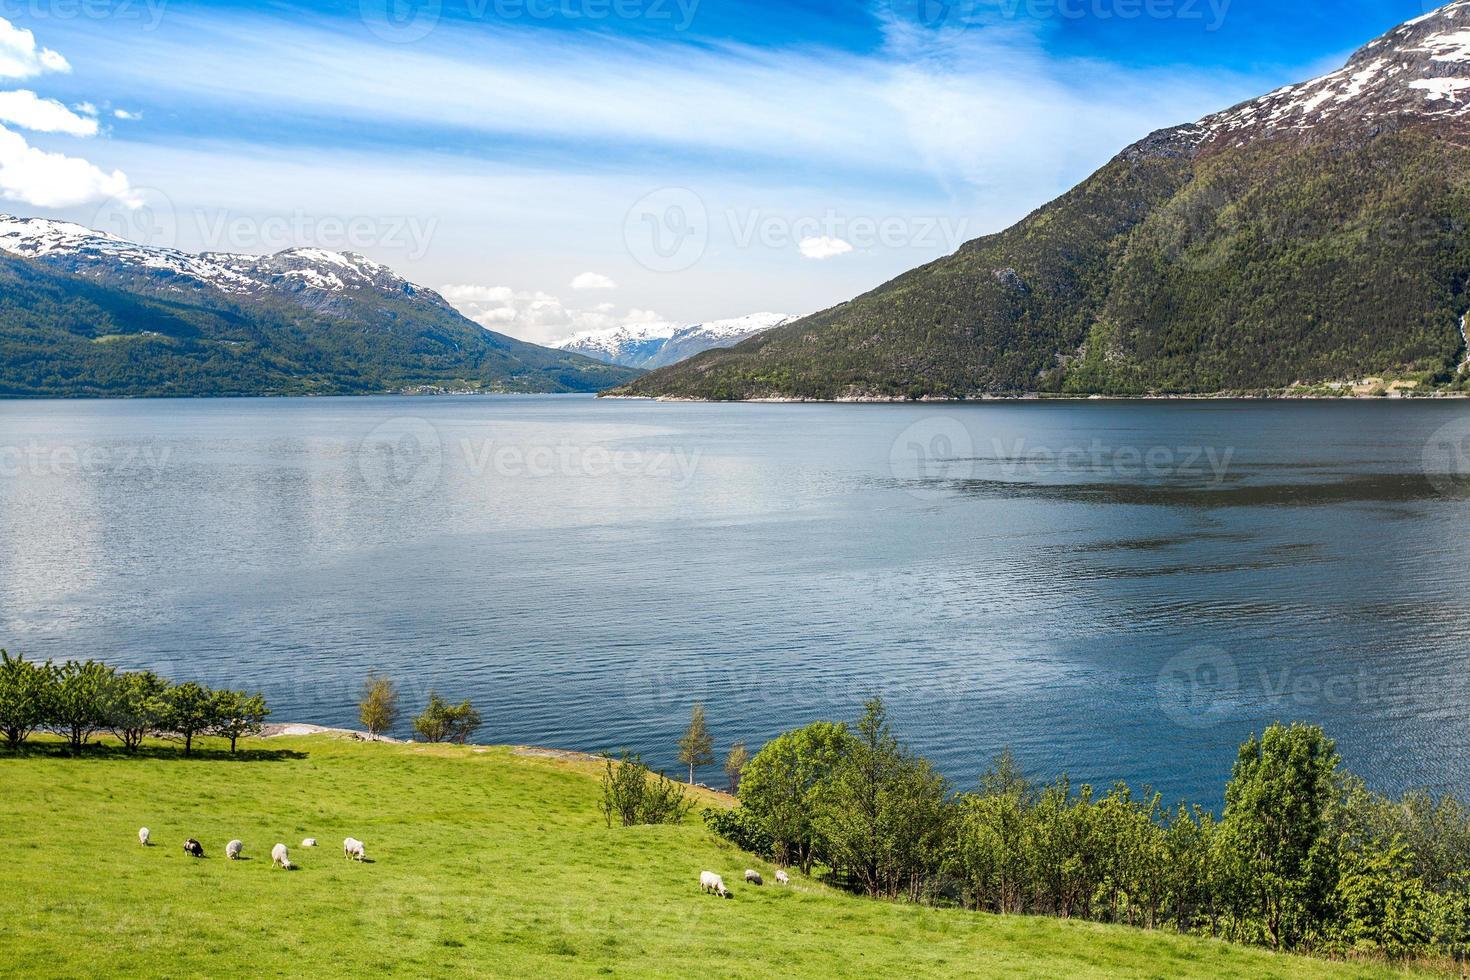 bellissima natura norvegia. foto